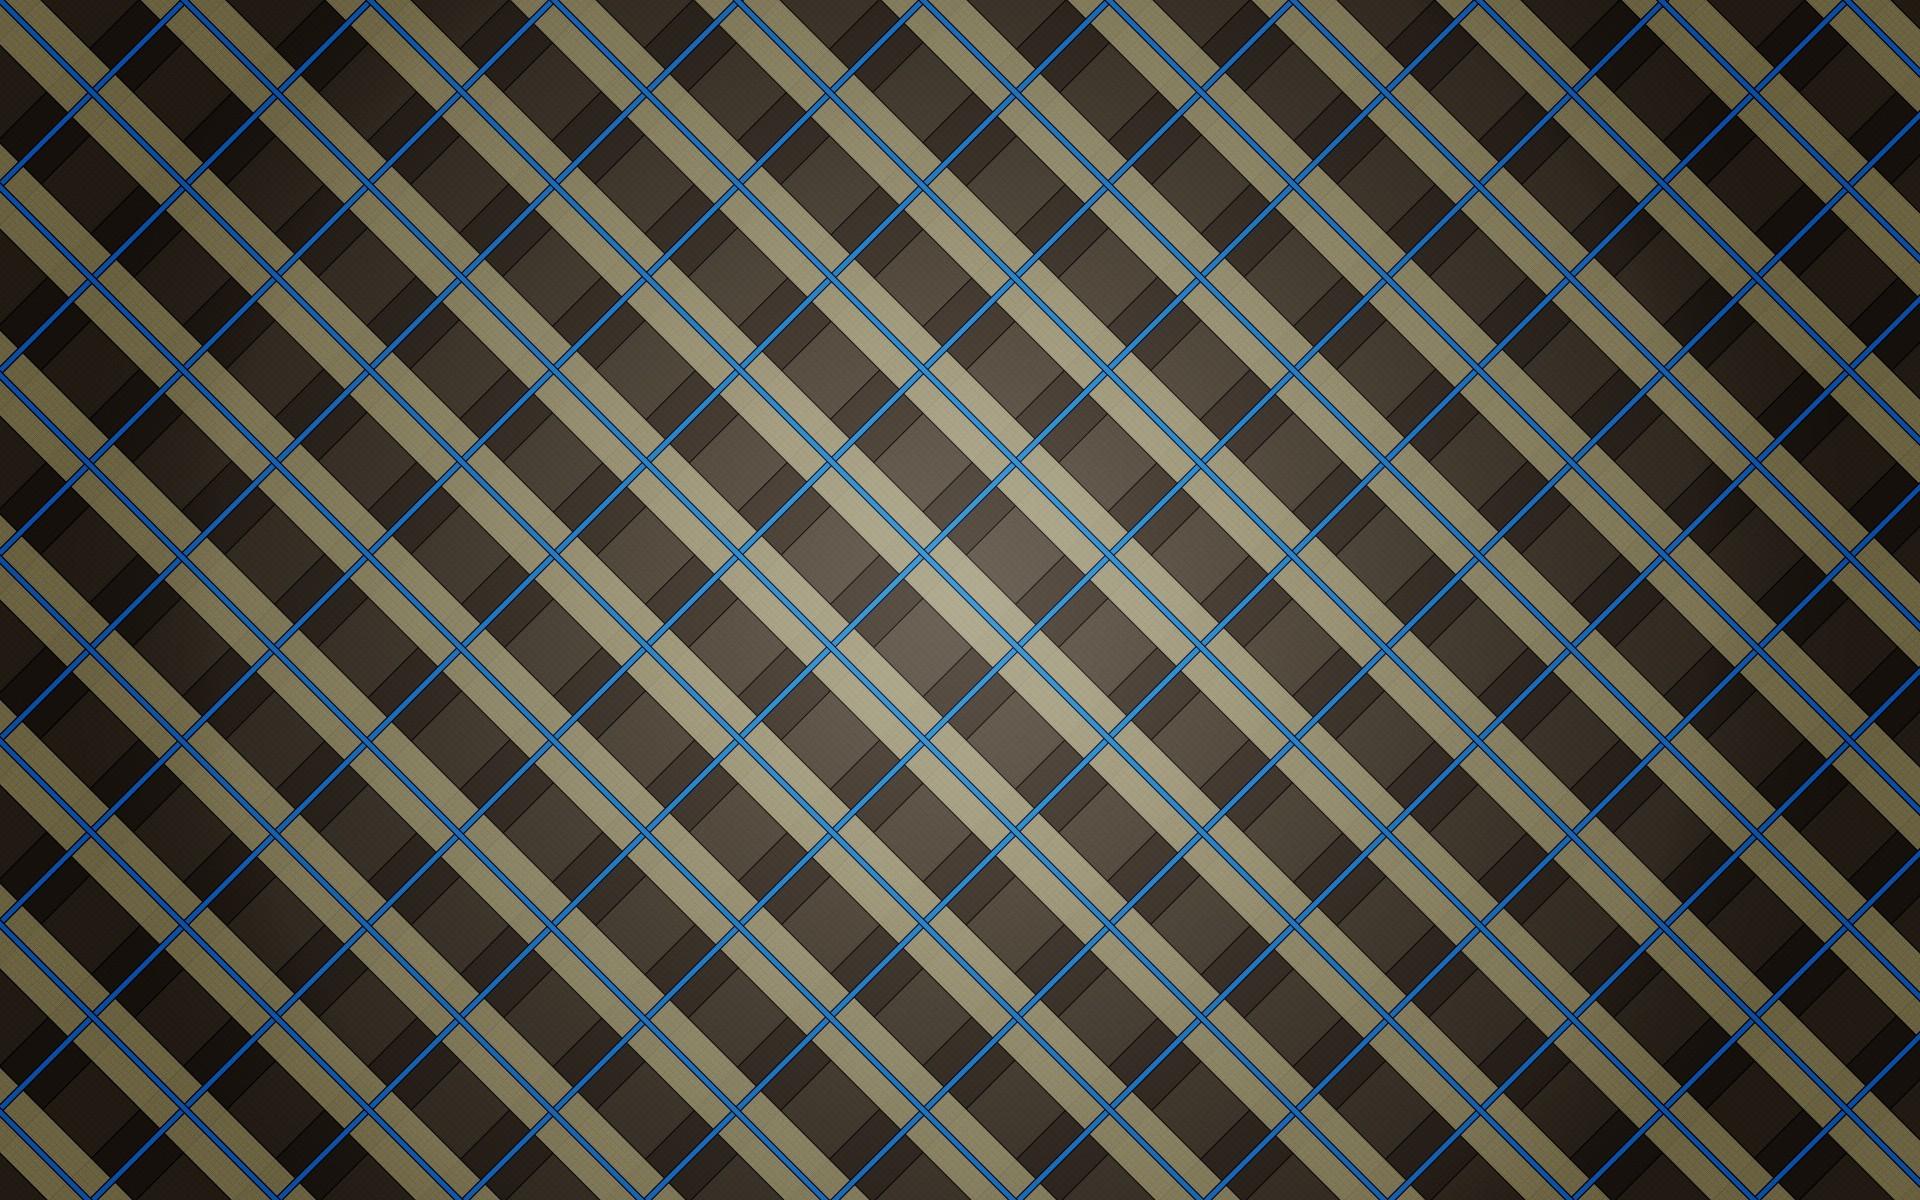 Textura con adornos - 1920x1200